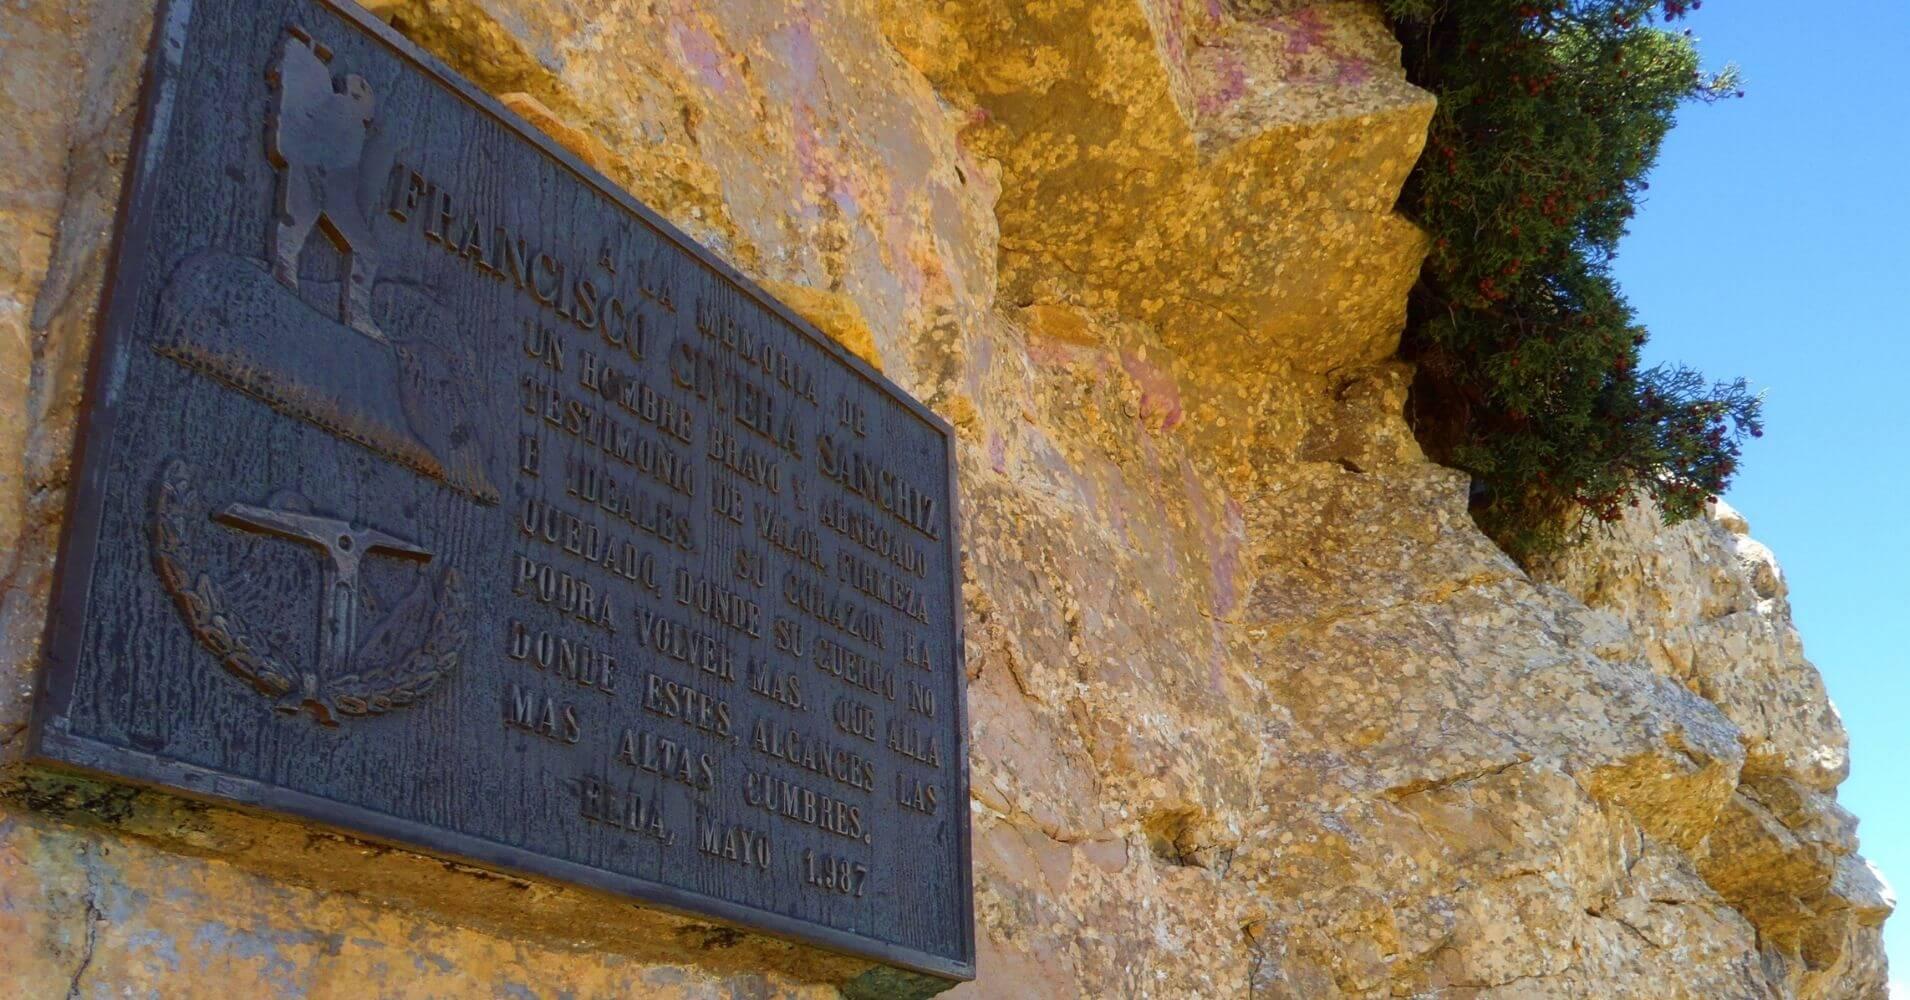 Placa Memoria. Vía Ferrata Norte del Cid. Petrer, Alicante. Comunidad Valenciana.